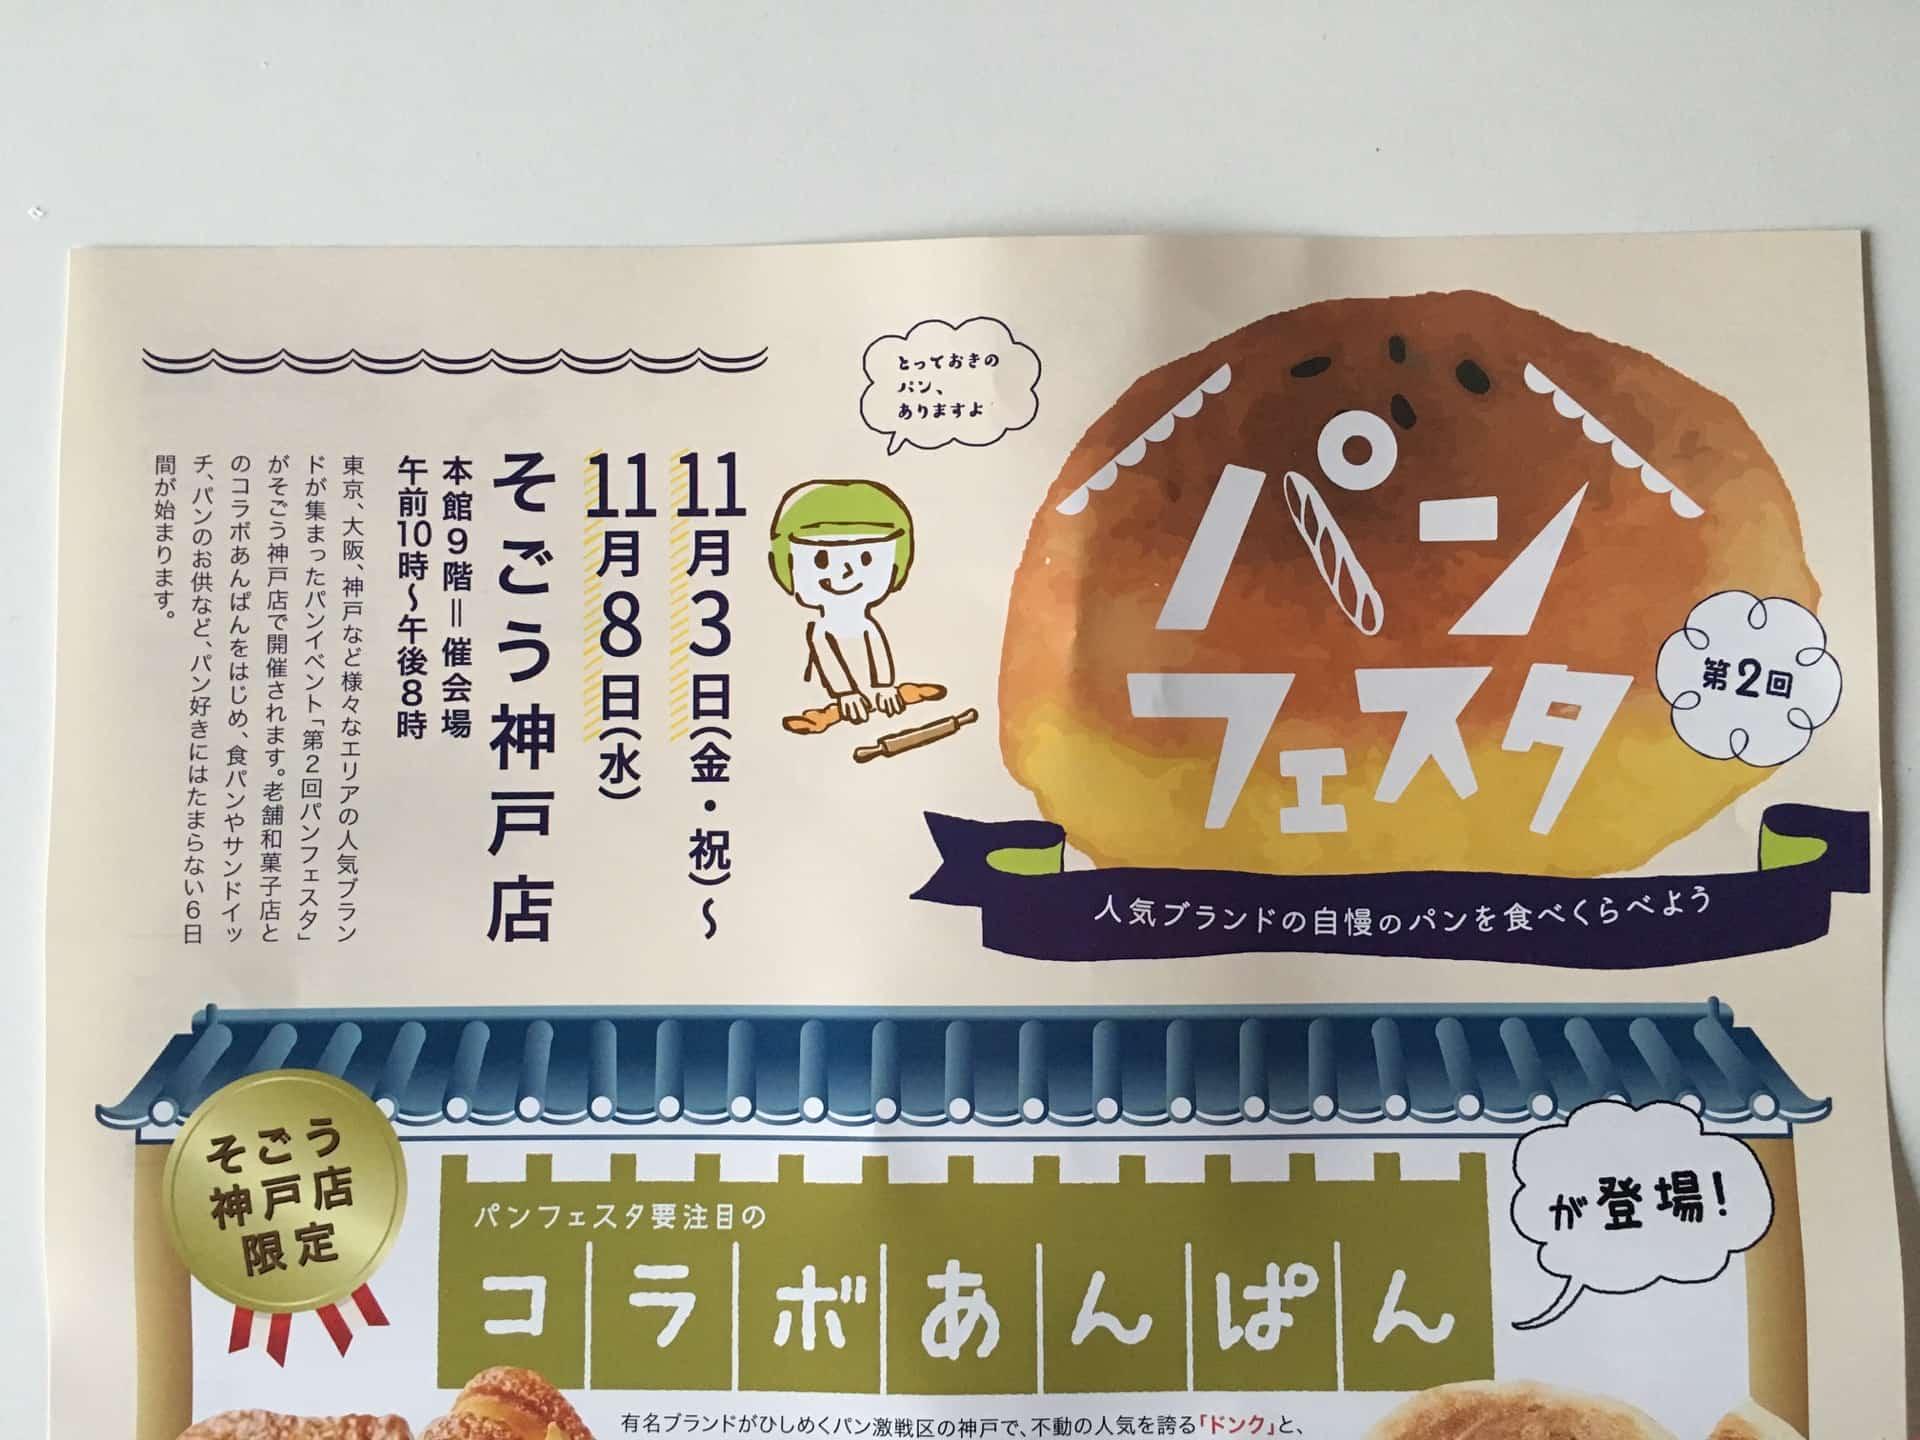 11月3日からそごう神戸店で「パンフェスタ」開催。とびばこパンや限定あんぱんも